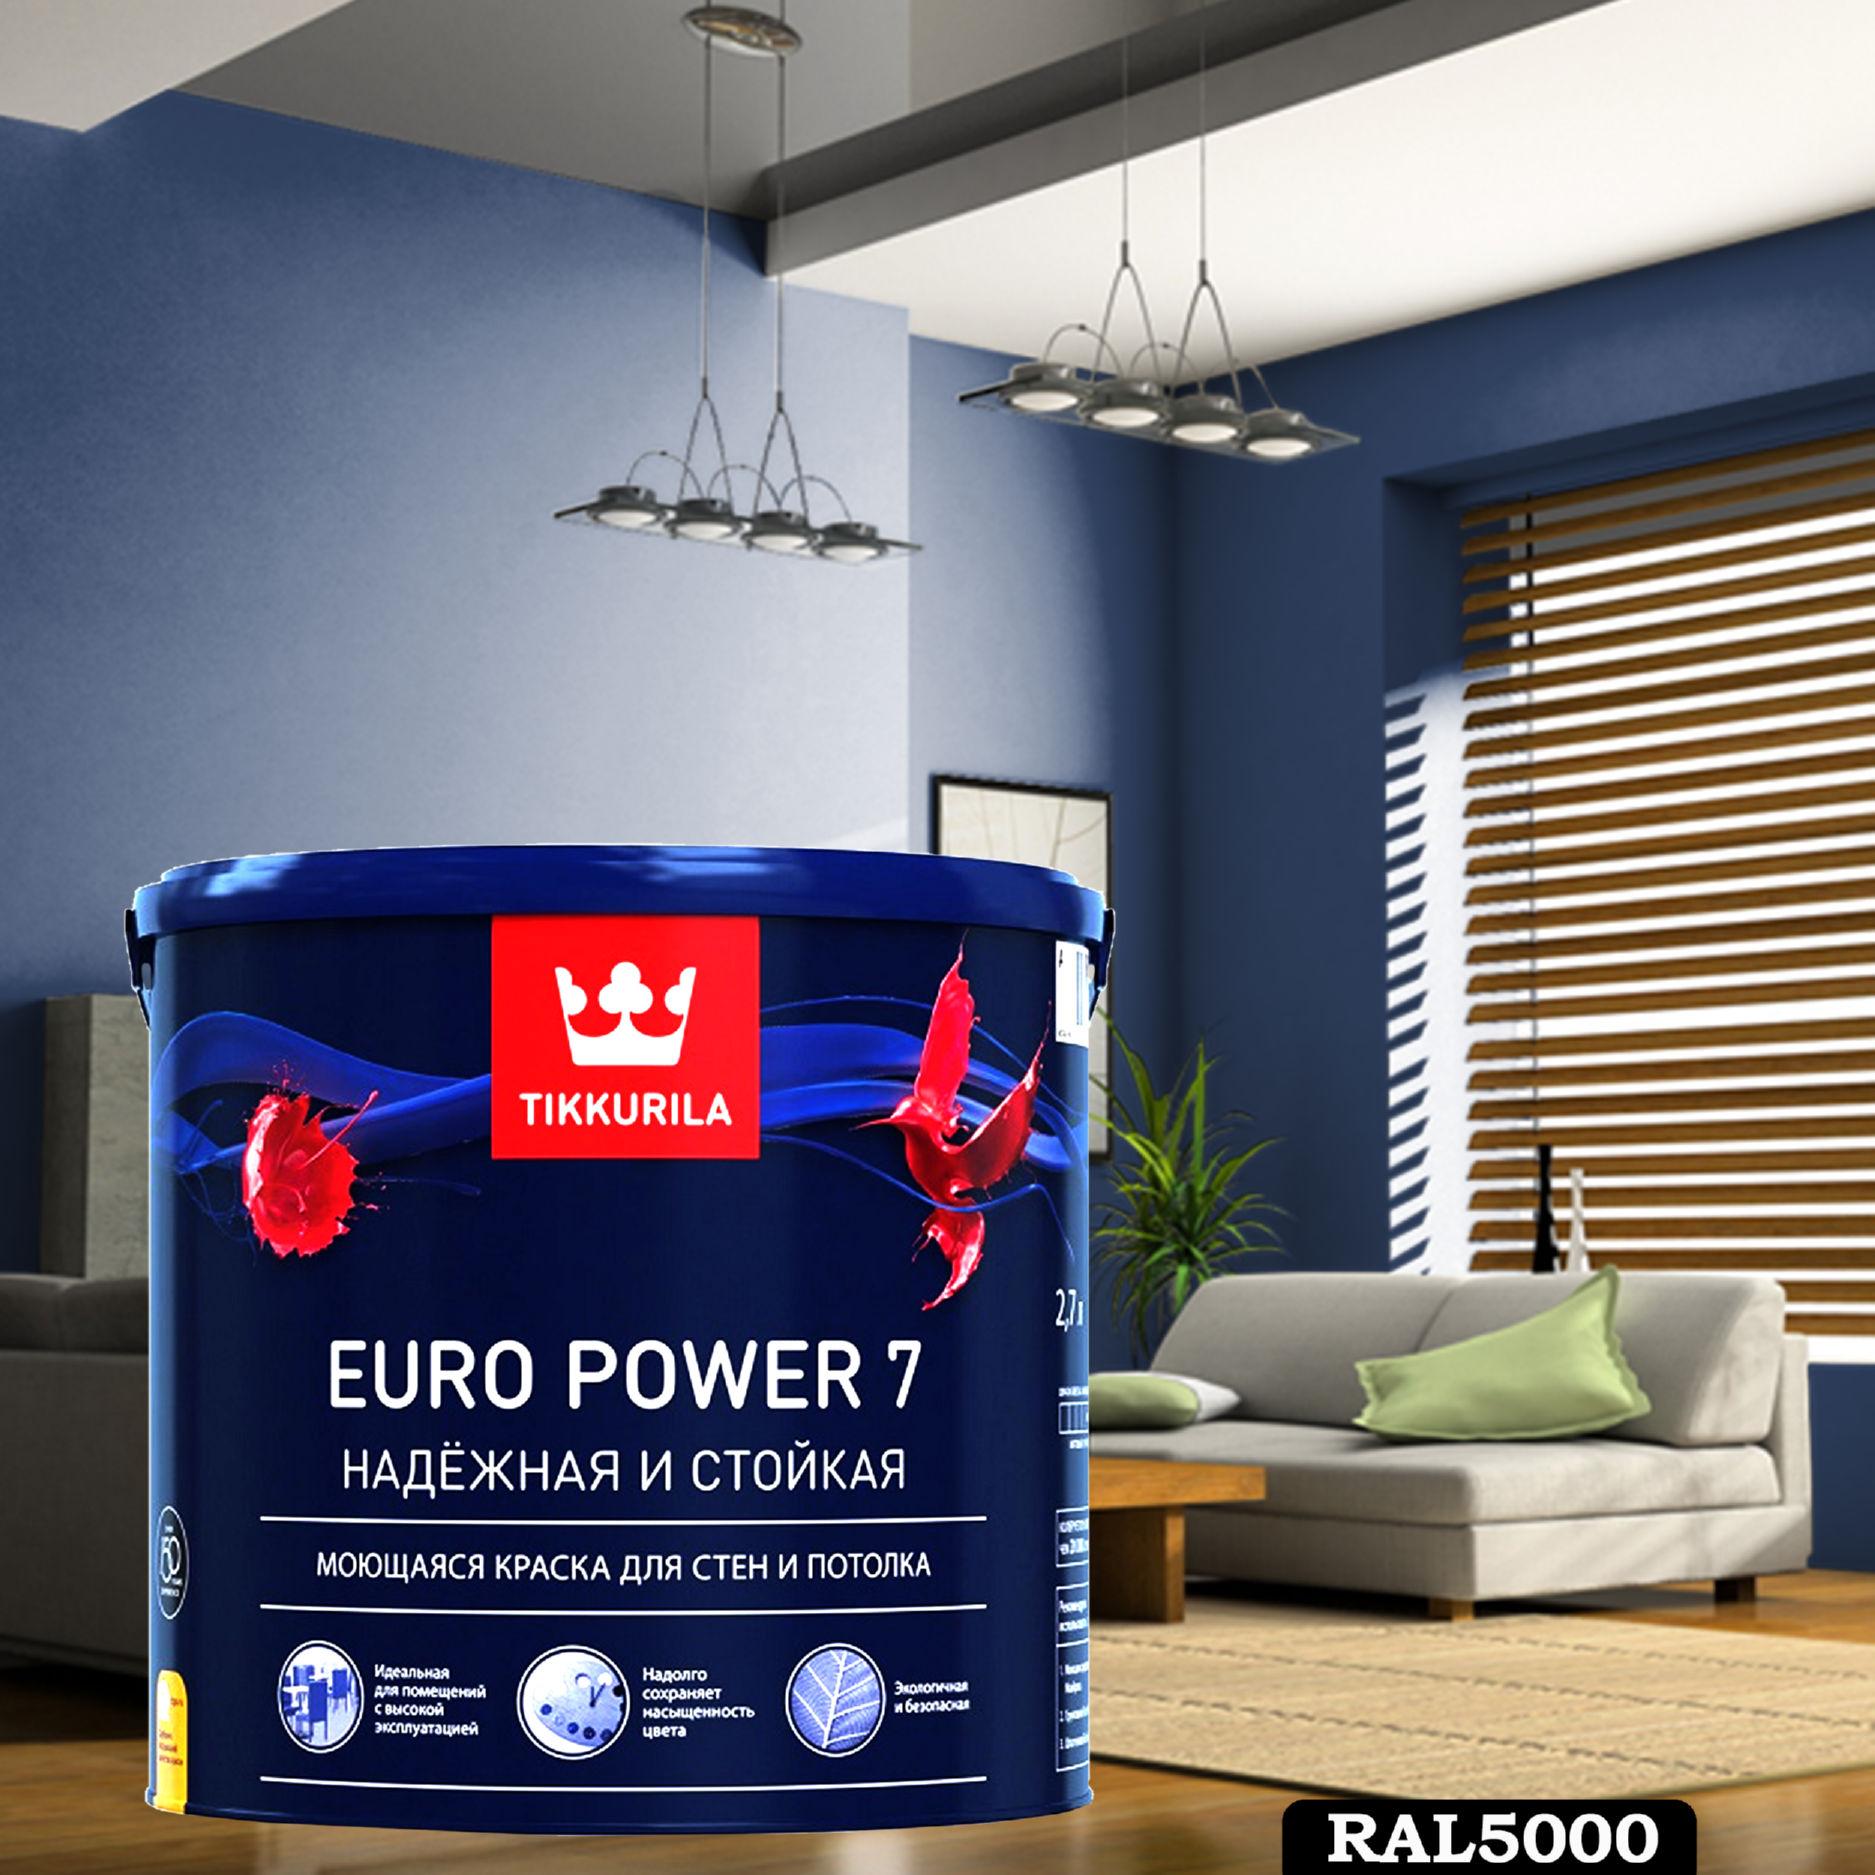 Фото 1 - Краска TIKKURILA Euro Power 7,  RAL 5000 Фиолетово-синий, латексная моющаяся матовая интерьерная, 9 л.